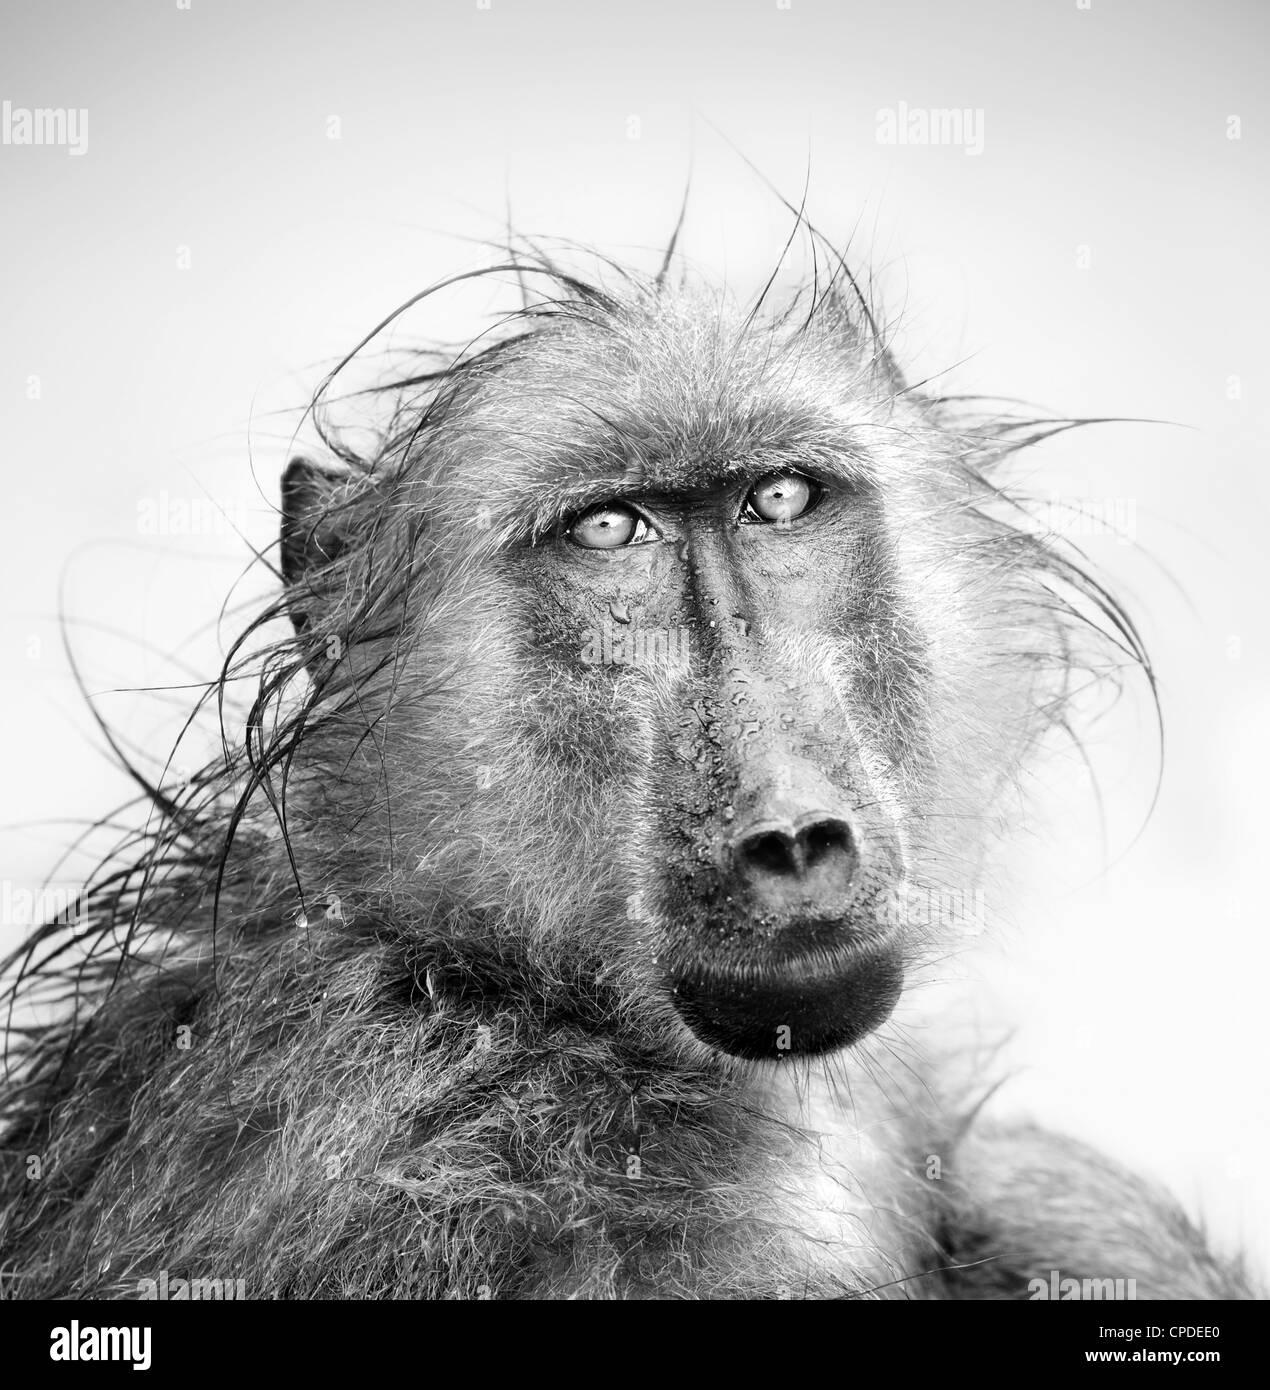 Le babouin dans la pluie (traitement artistique) Photo Stock